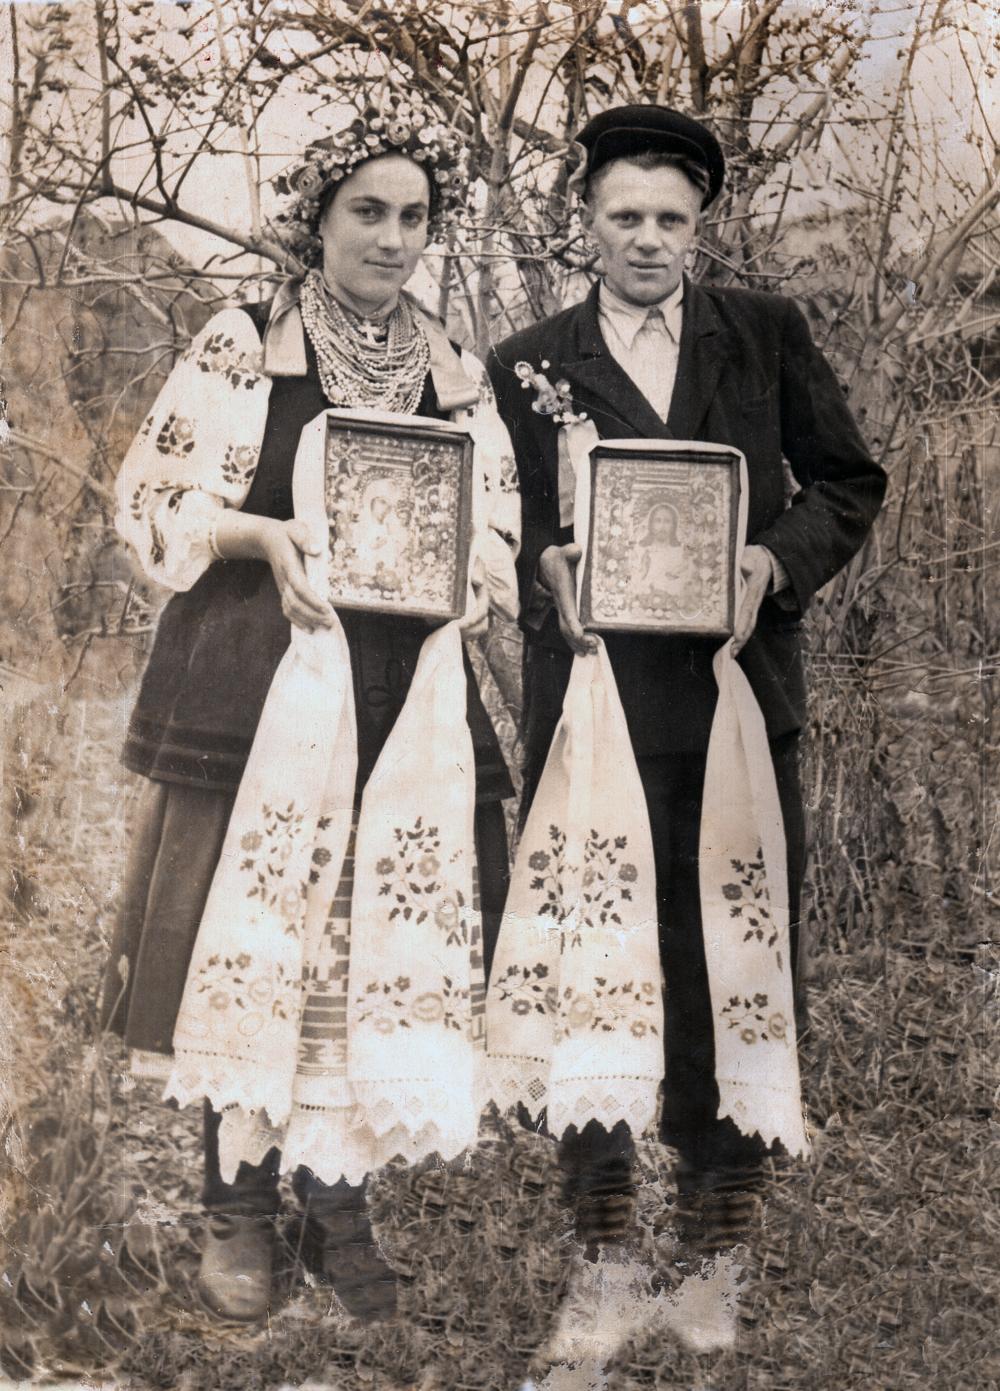 Молоді з іконами, с. Бакумівка, Миргородський р-н Полтавська область. Фото з етнографічної збірки «Древо»